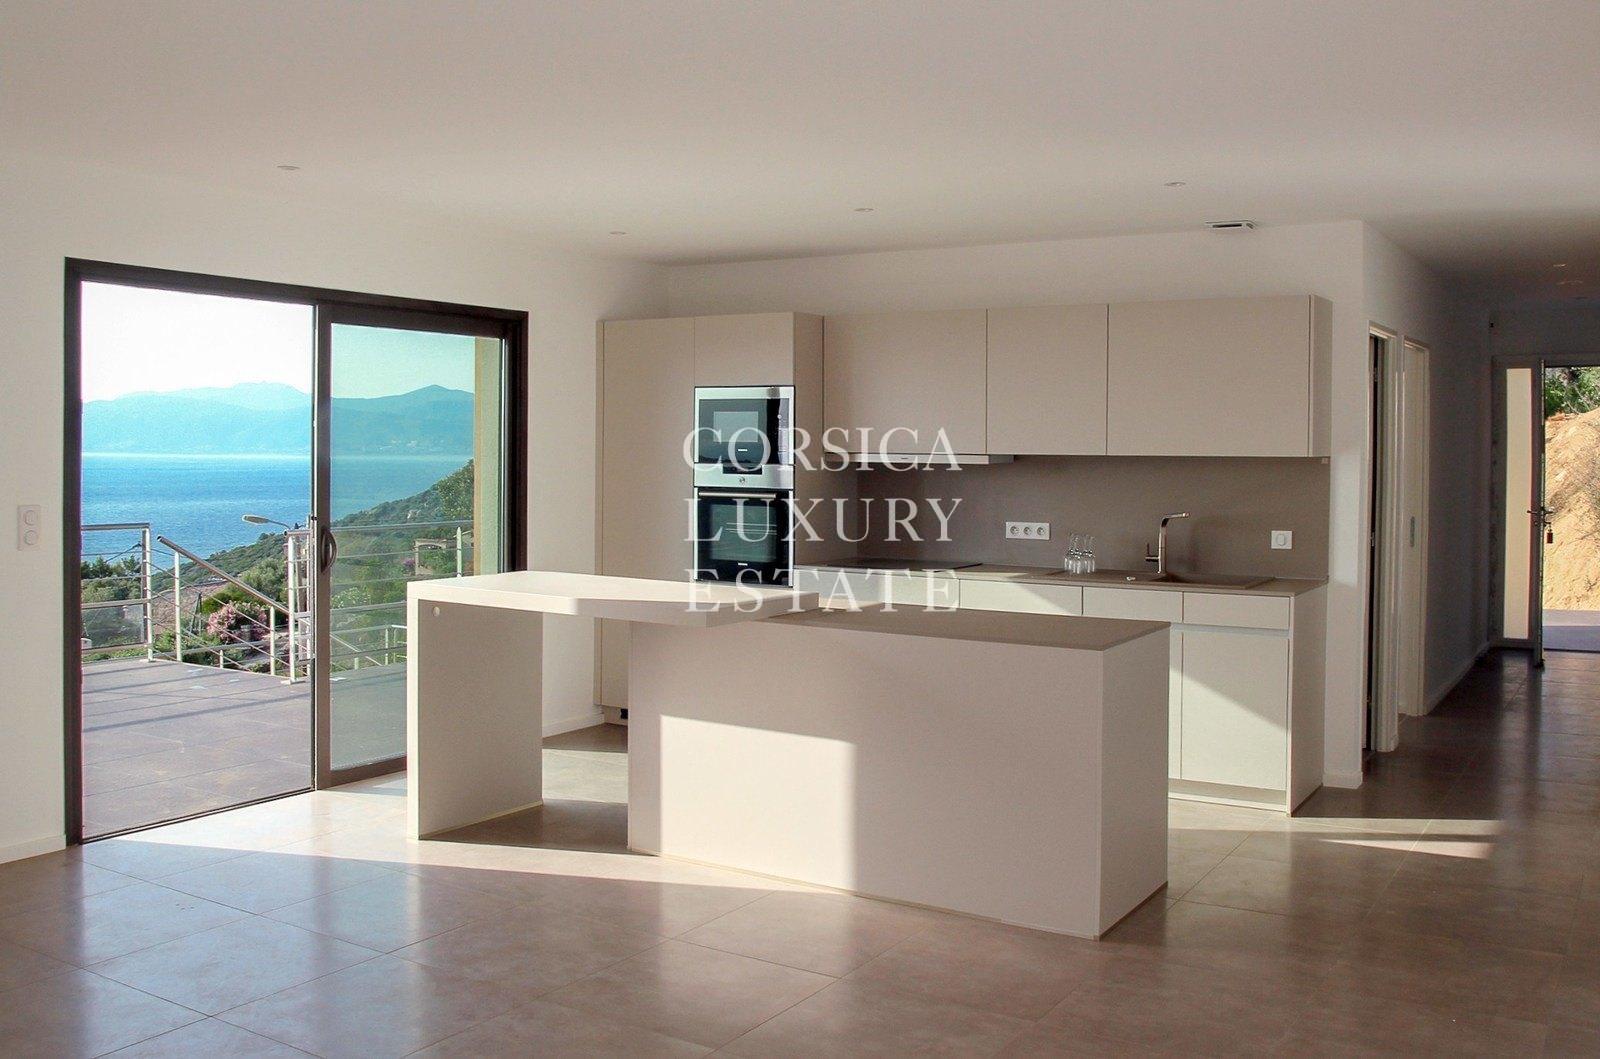 A vendre villa neuve rive sud du golfe d 39 ajaccio vue mer for Cuisine ouverte contemporaine